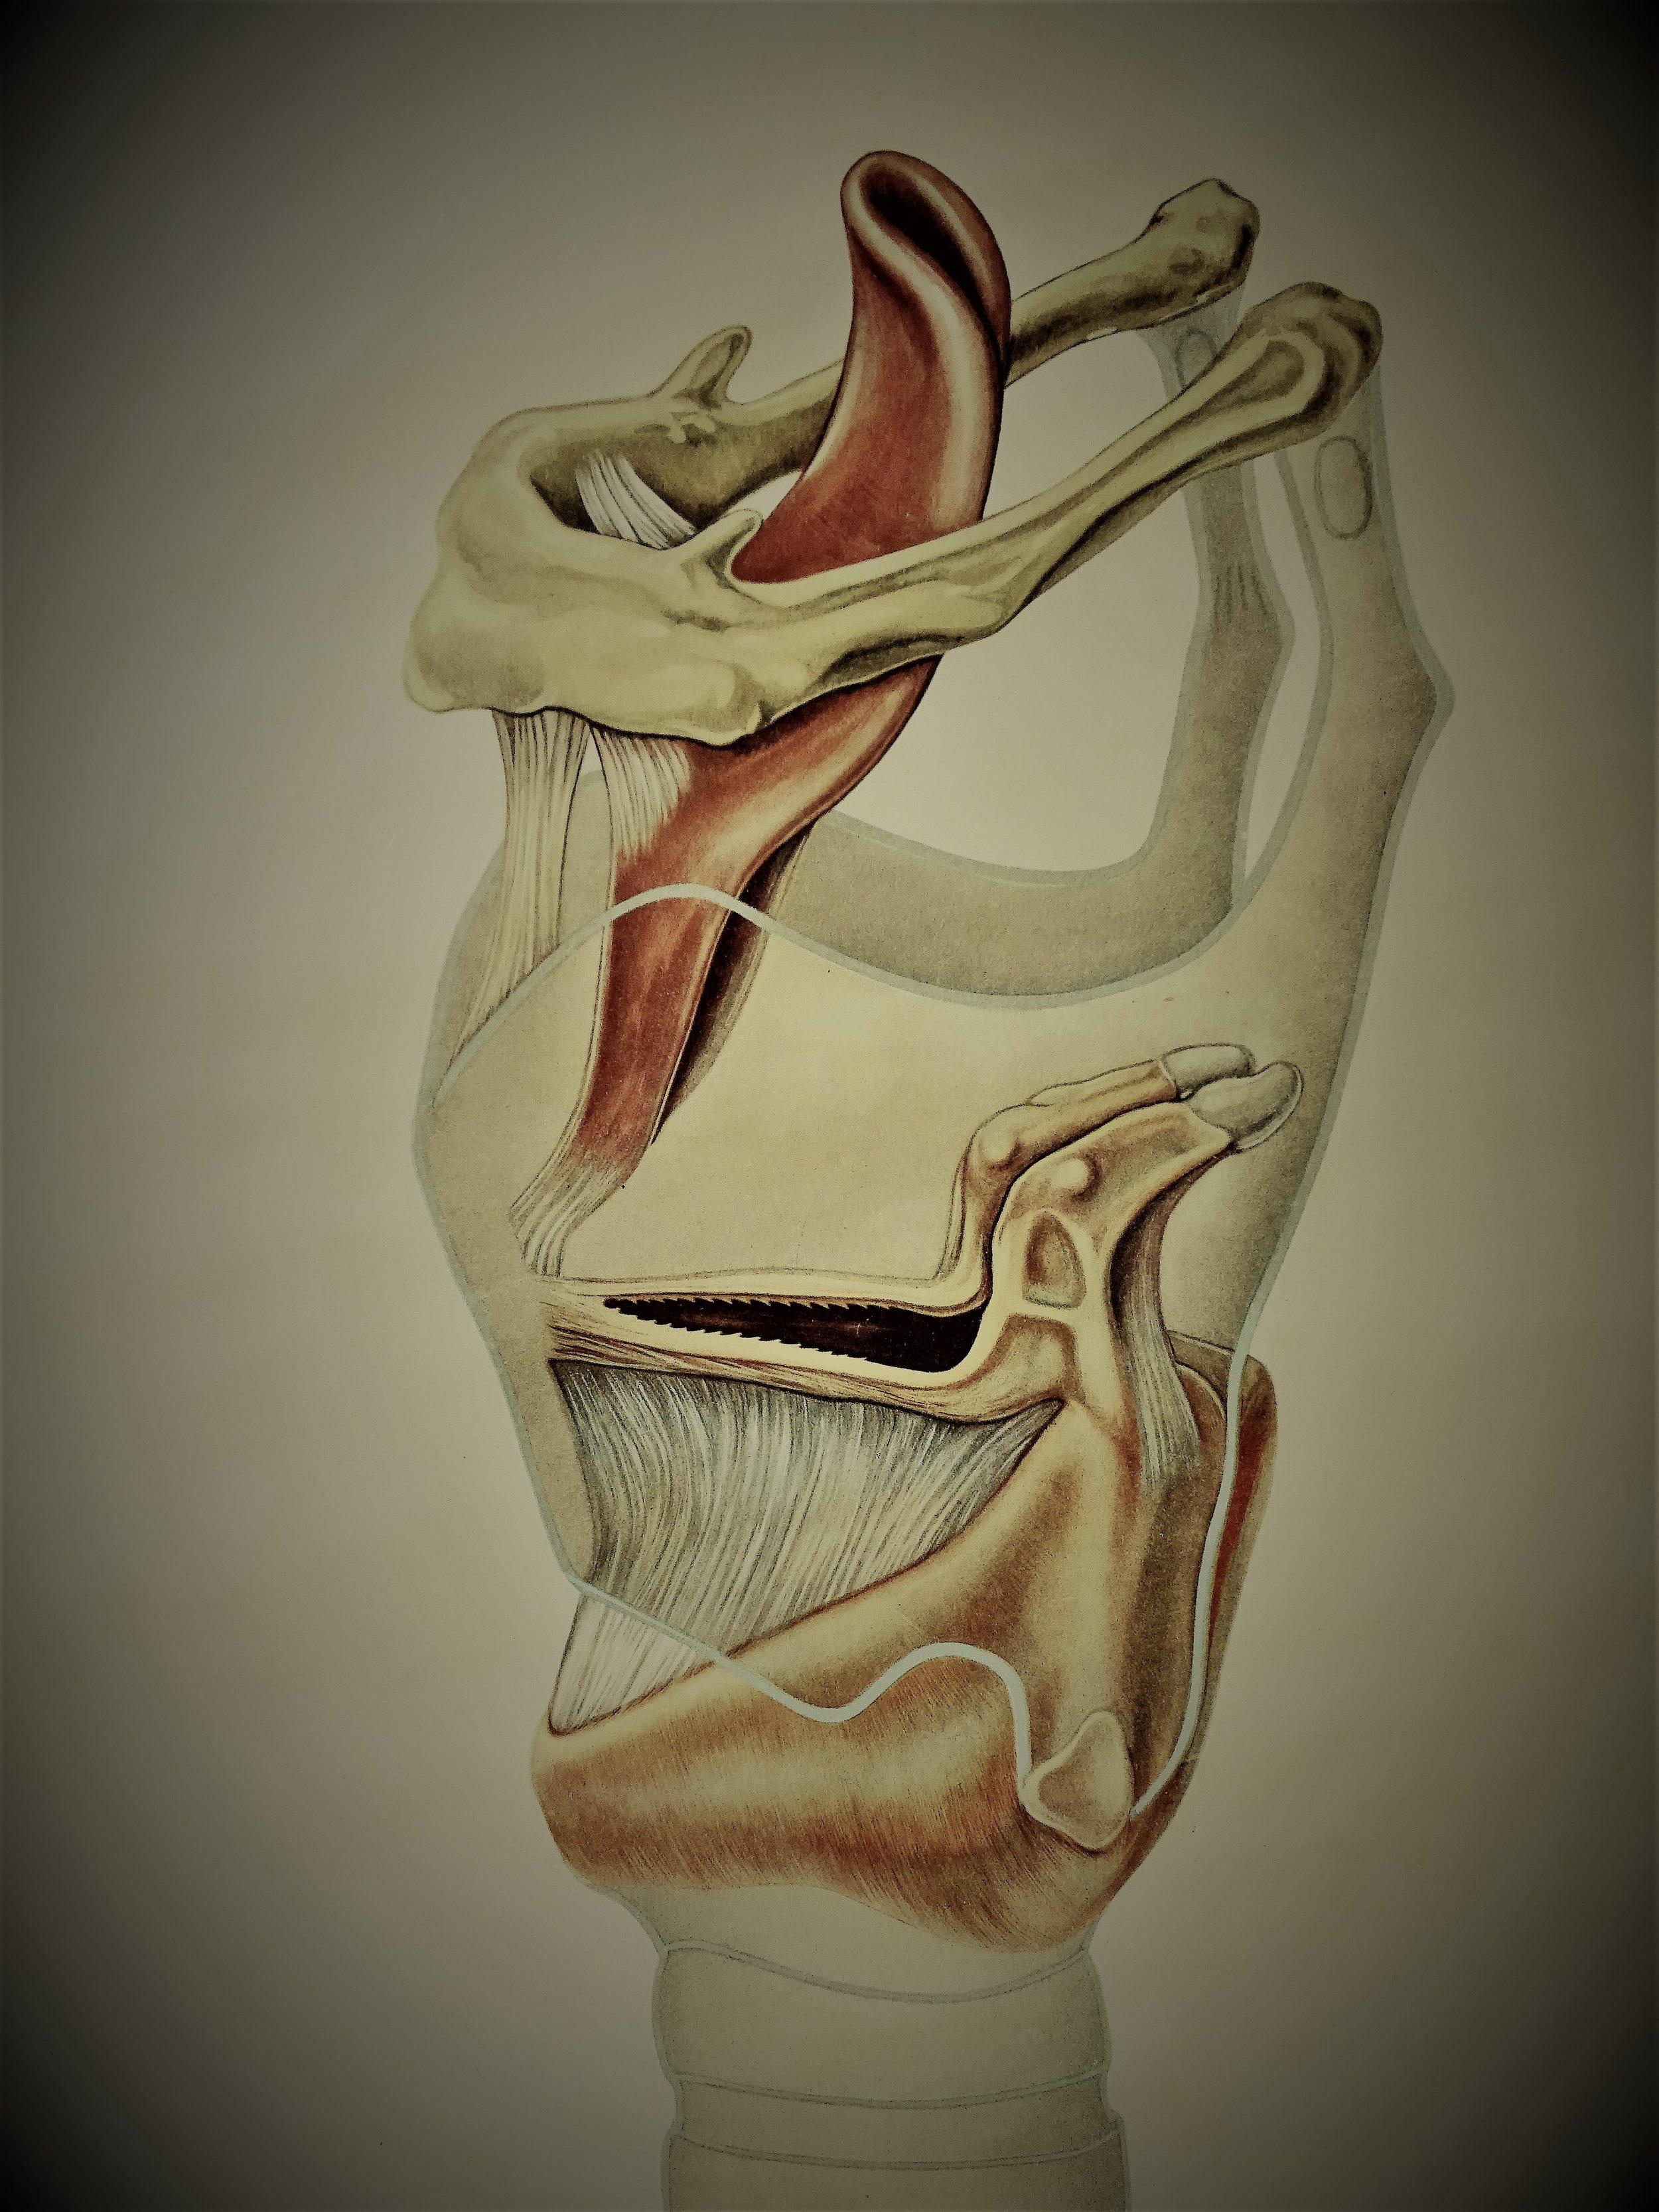 Tekening van het strottenhoofd of de larynx. De larynx bestaat uit een botje en verschillende stukken kraakbeen en bevindt zich boven op de luchtpijp. De stembanden of stemplooien (midden in de tekening) lopen van voor (links op de tekening) naar achter en kunnen de luchtpijp afsluiten en openen.